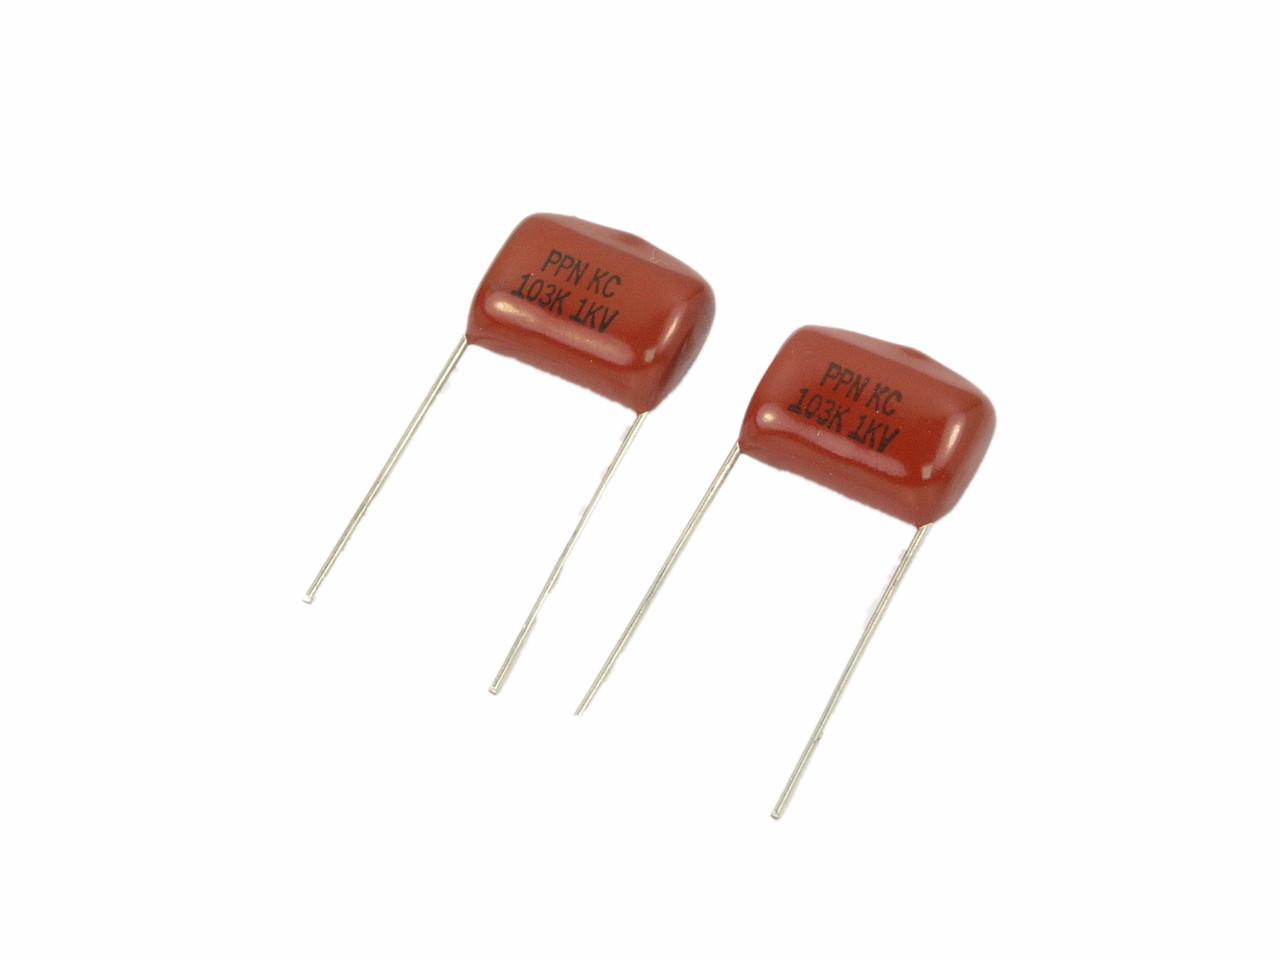 CBB-21 M-Полипропилен 0,33mkf(330nf)-100 VAC (±10%)  P:10mm